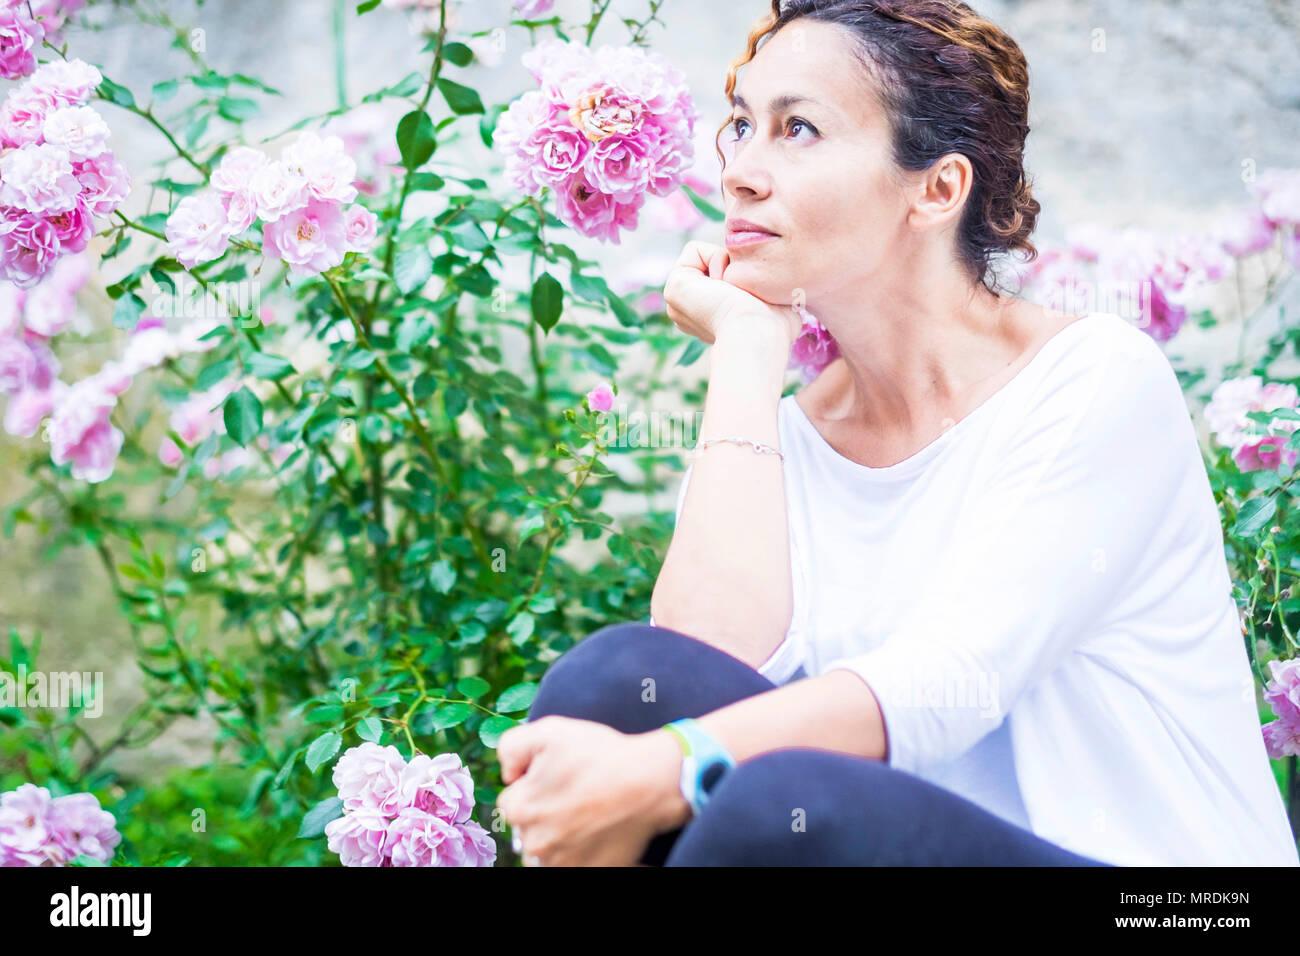 Belle wooman 40 ans regarde sa pensée latérale heureux. Fond de fleurs roses. Couleurs Nature plein air. Photo Stock